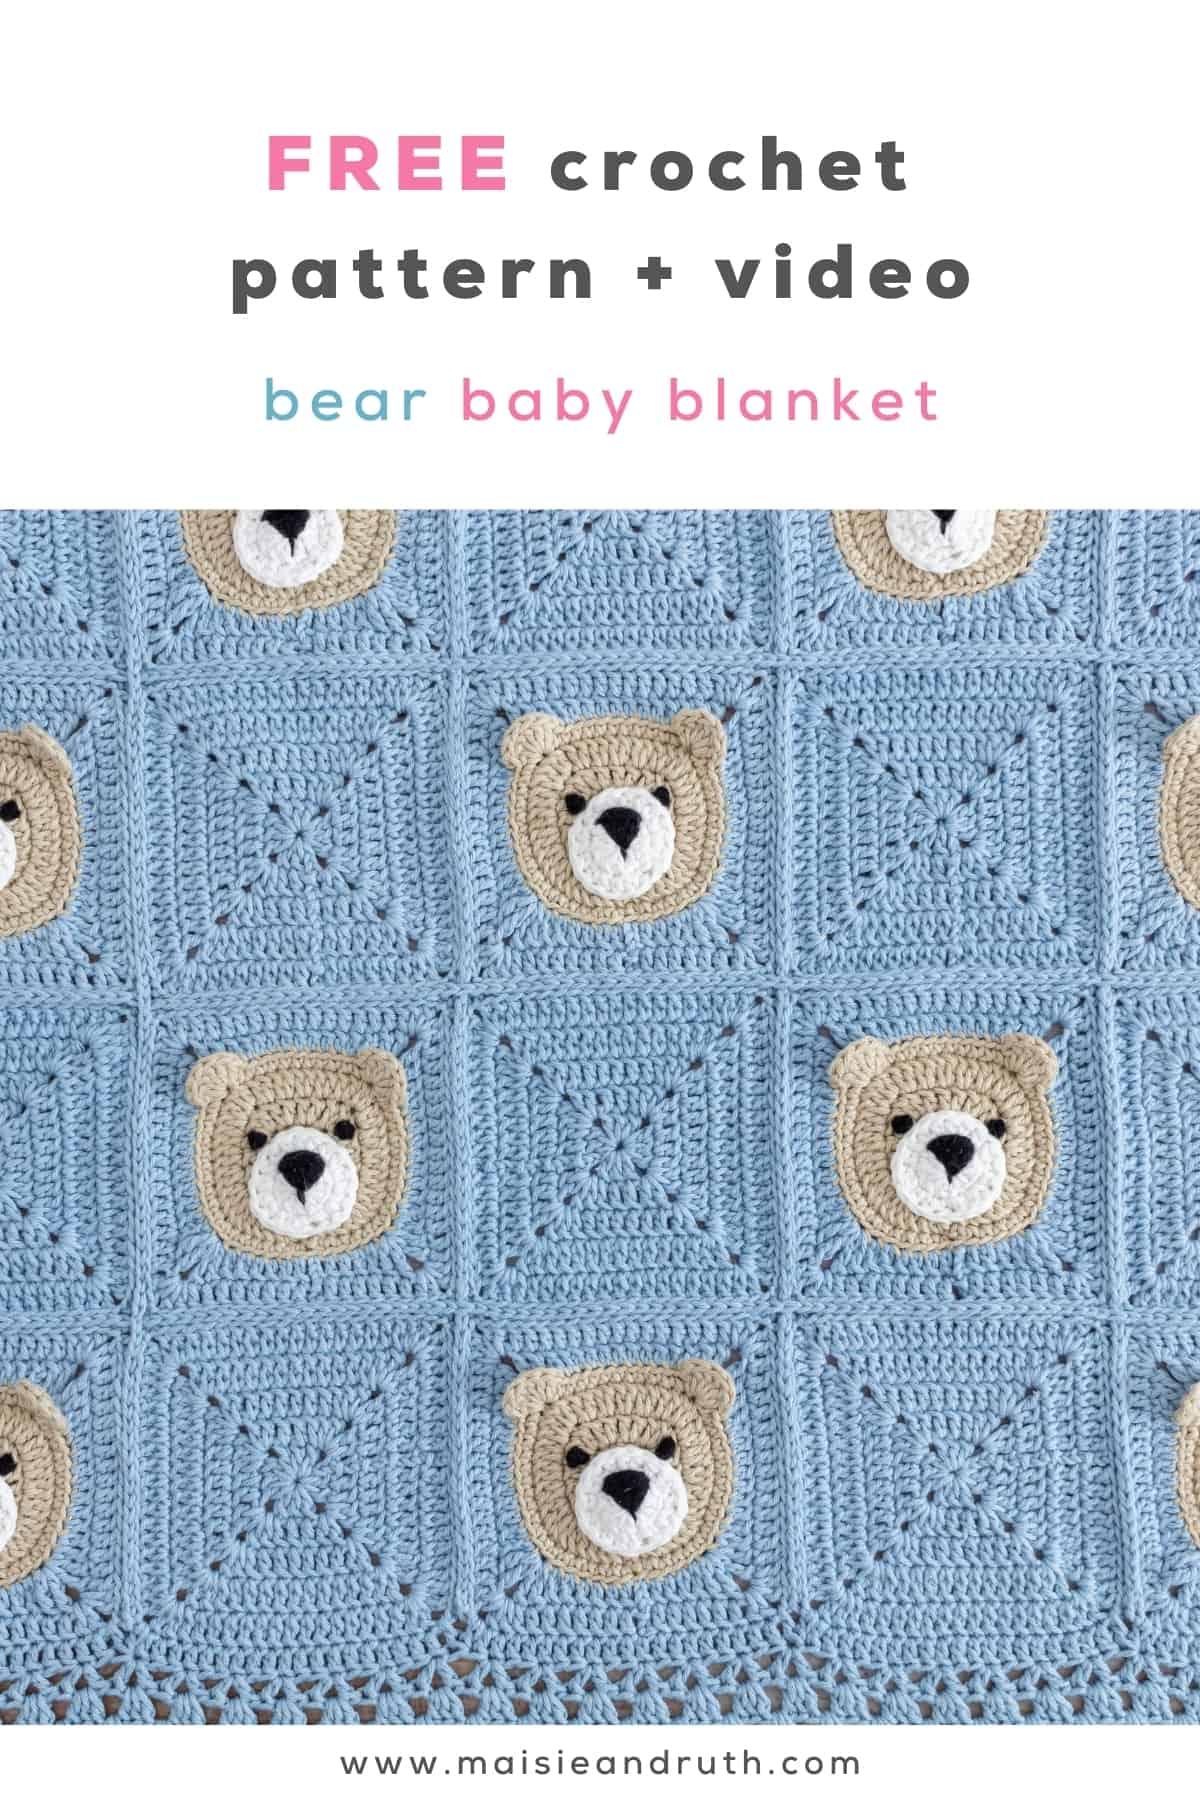 Bear Crochet Baby Blanket Free Pattern Pin 1